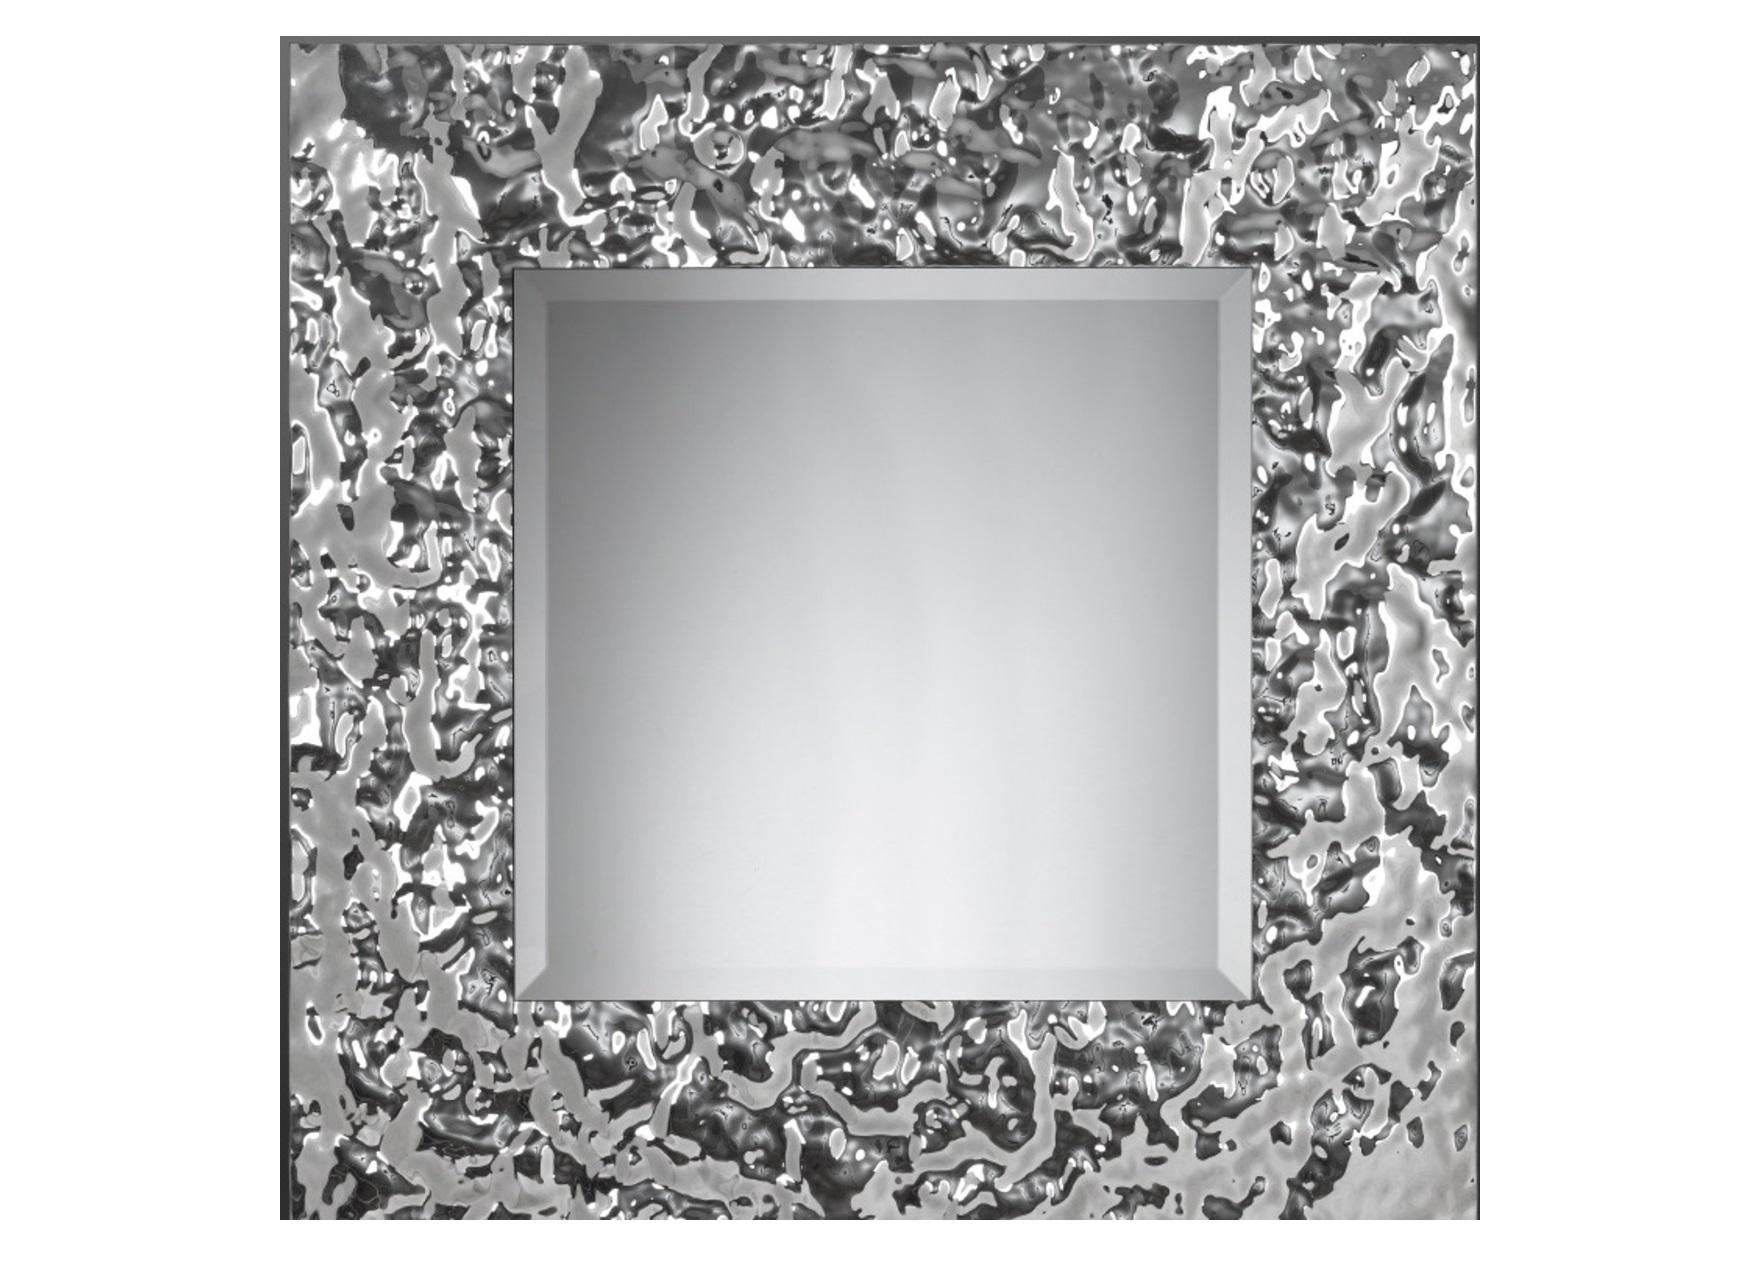 Зеркало КвадратНастенные зеркала<br>Квадратное зеркало в величественном обрамлении из стекла легко станет предметом гордости в вашем доме. Зеркало само по себе – уже эффектный декор. А уж если это, квадратное зеркало от Plusobject, то речь идет об уникальном продукте талантливых дизайнеров — братьев Фомичевых.  Обрамление зеркала имитирует поверхность воды, застывшую на долю секунды .  Зеркало в собранном виде и в комплекте есть крепления.<br><br>Material: Стекло<br>Width см: None<br>Depth см: 5<br>Height см: None<br>Diameter см: 80